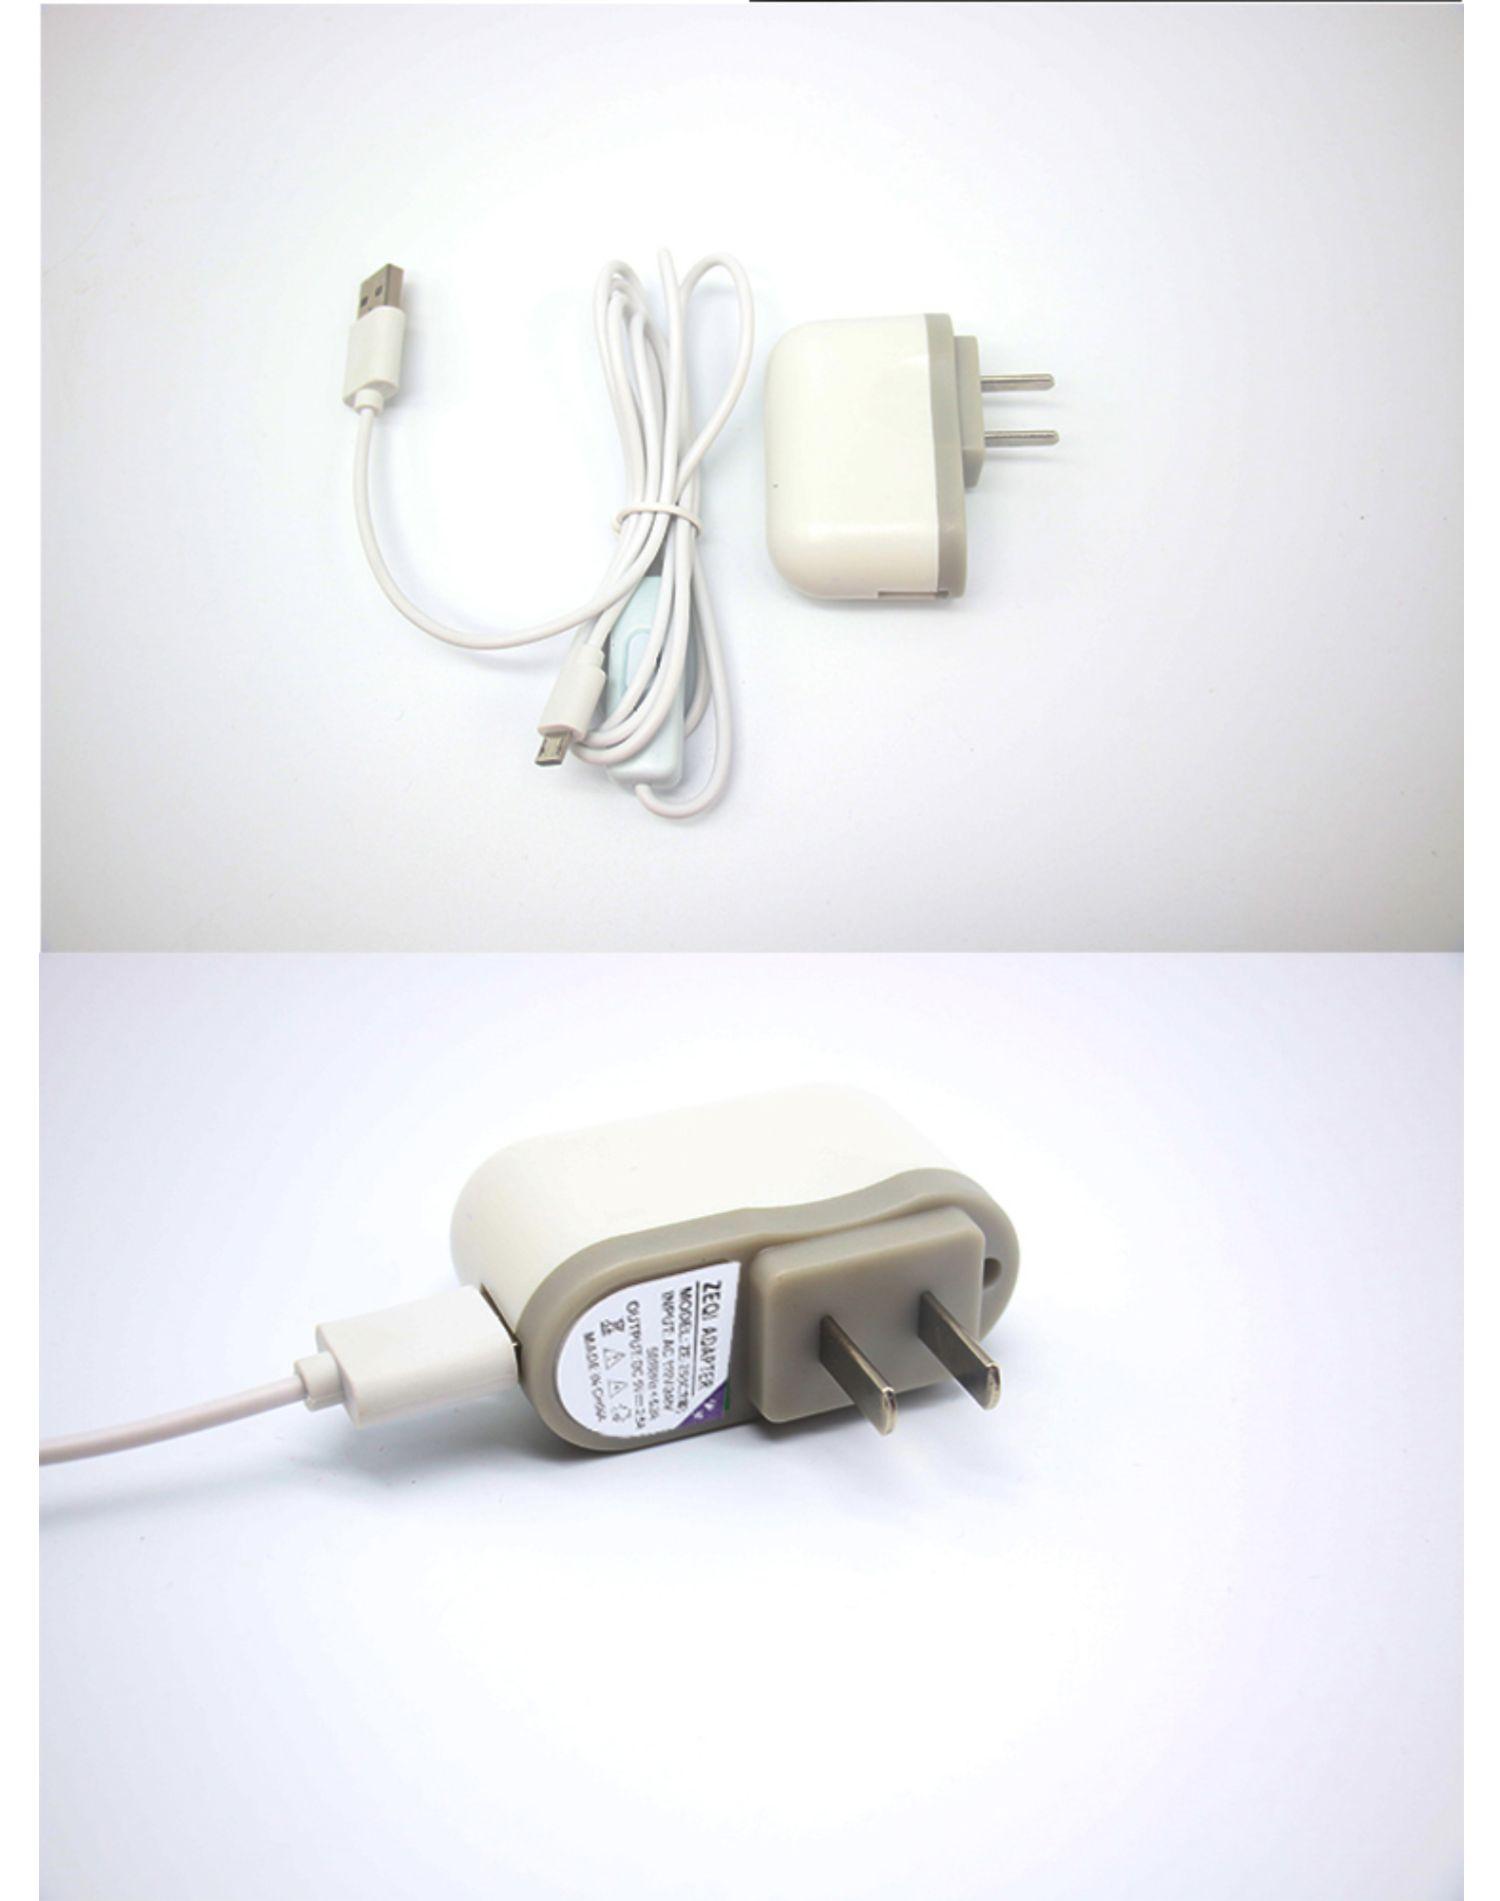 创乐博树莓派3b+配件电源适配器+开关电源线3代B型配件 5V2.5A商品详情图